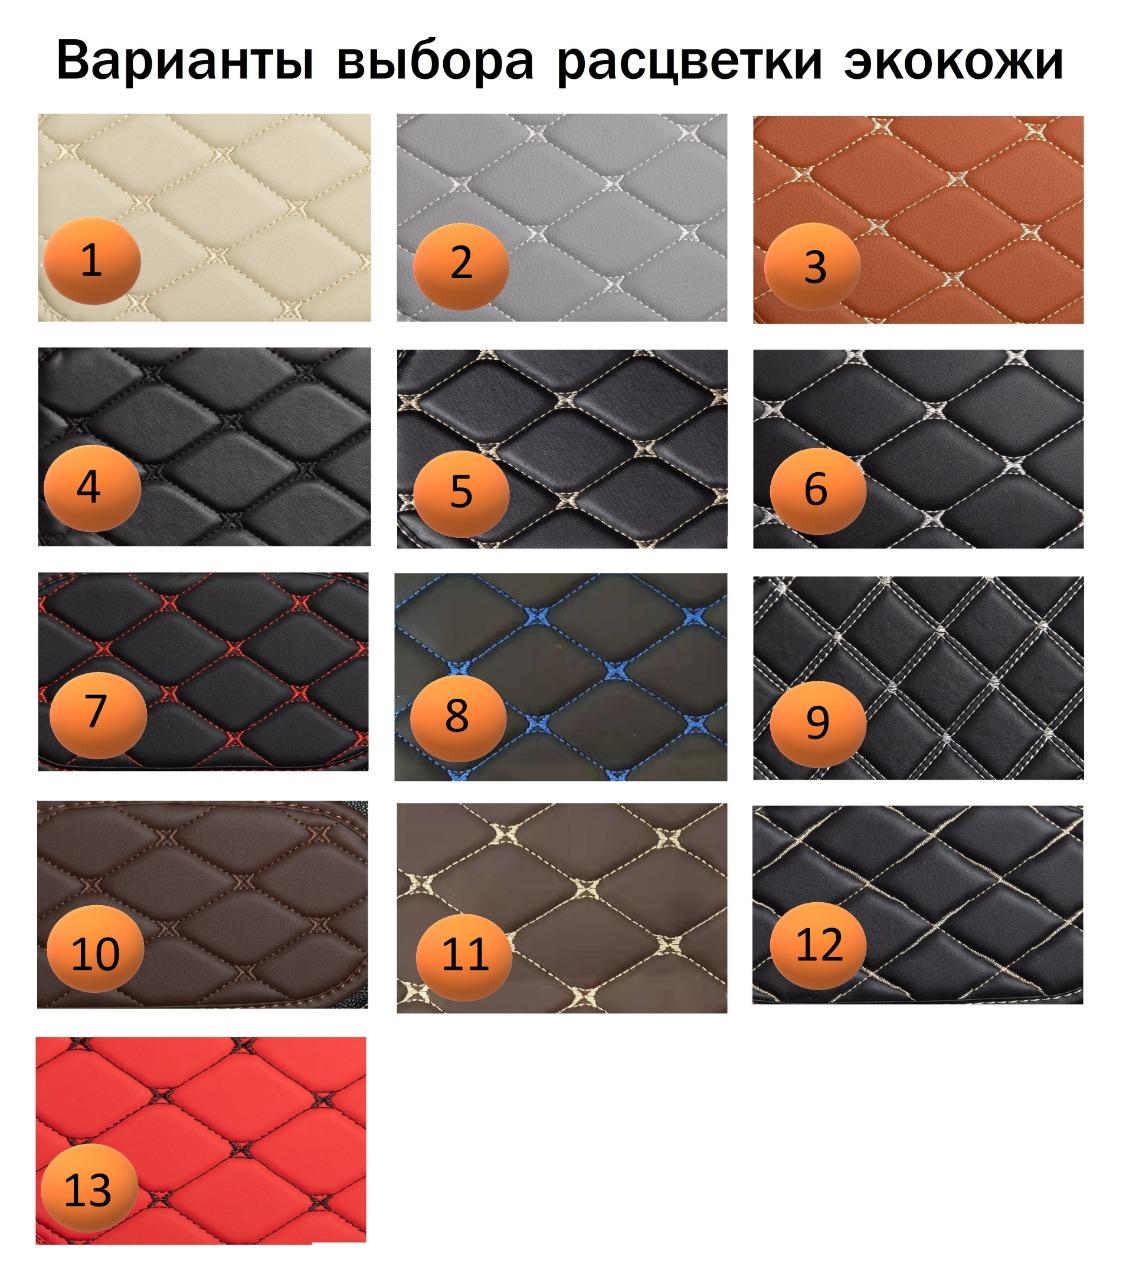 Варианты расцветки экокожи для 3D ковриков из экокожи в салон автомобиля